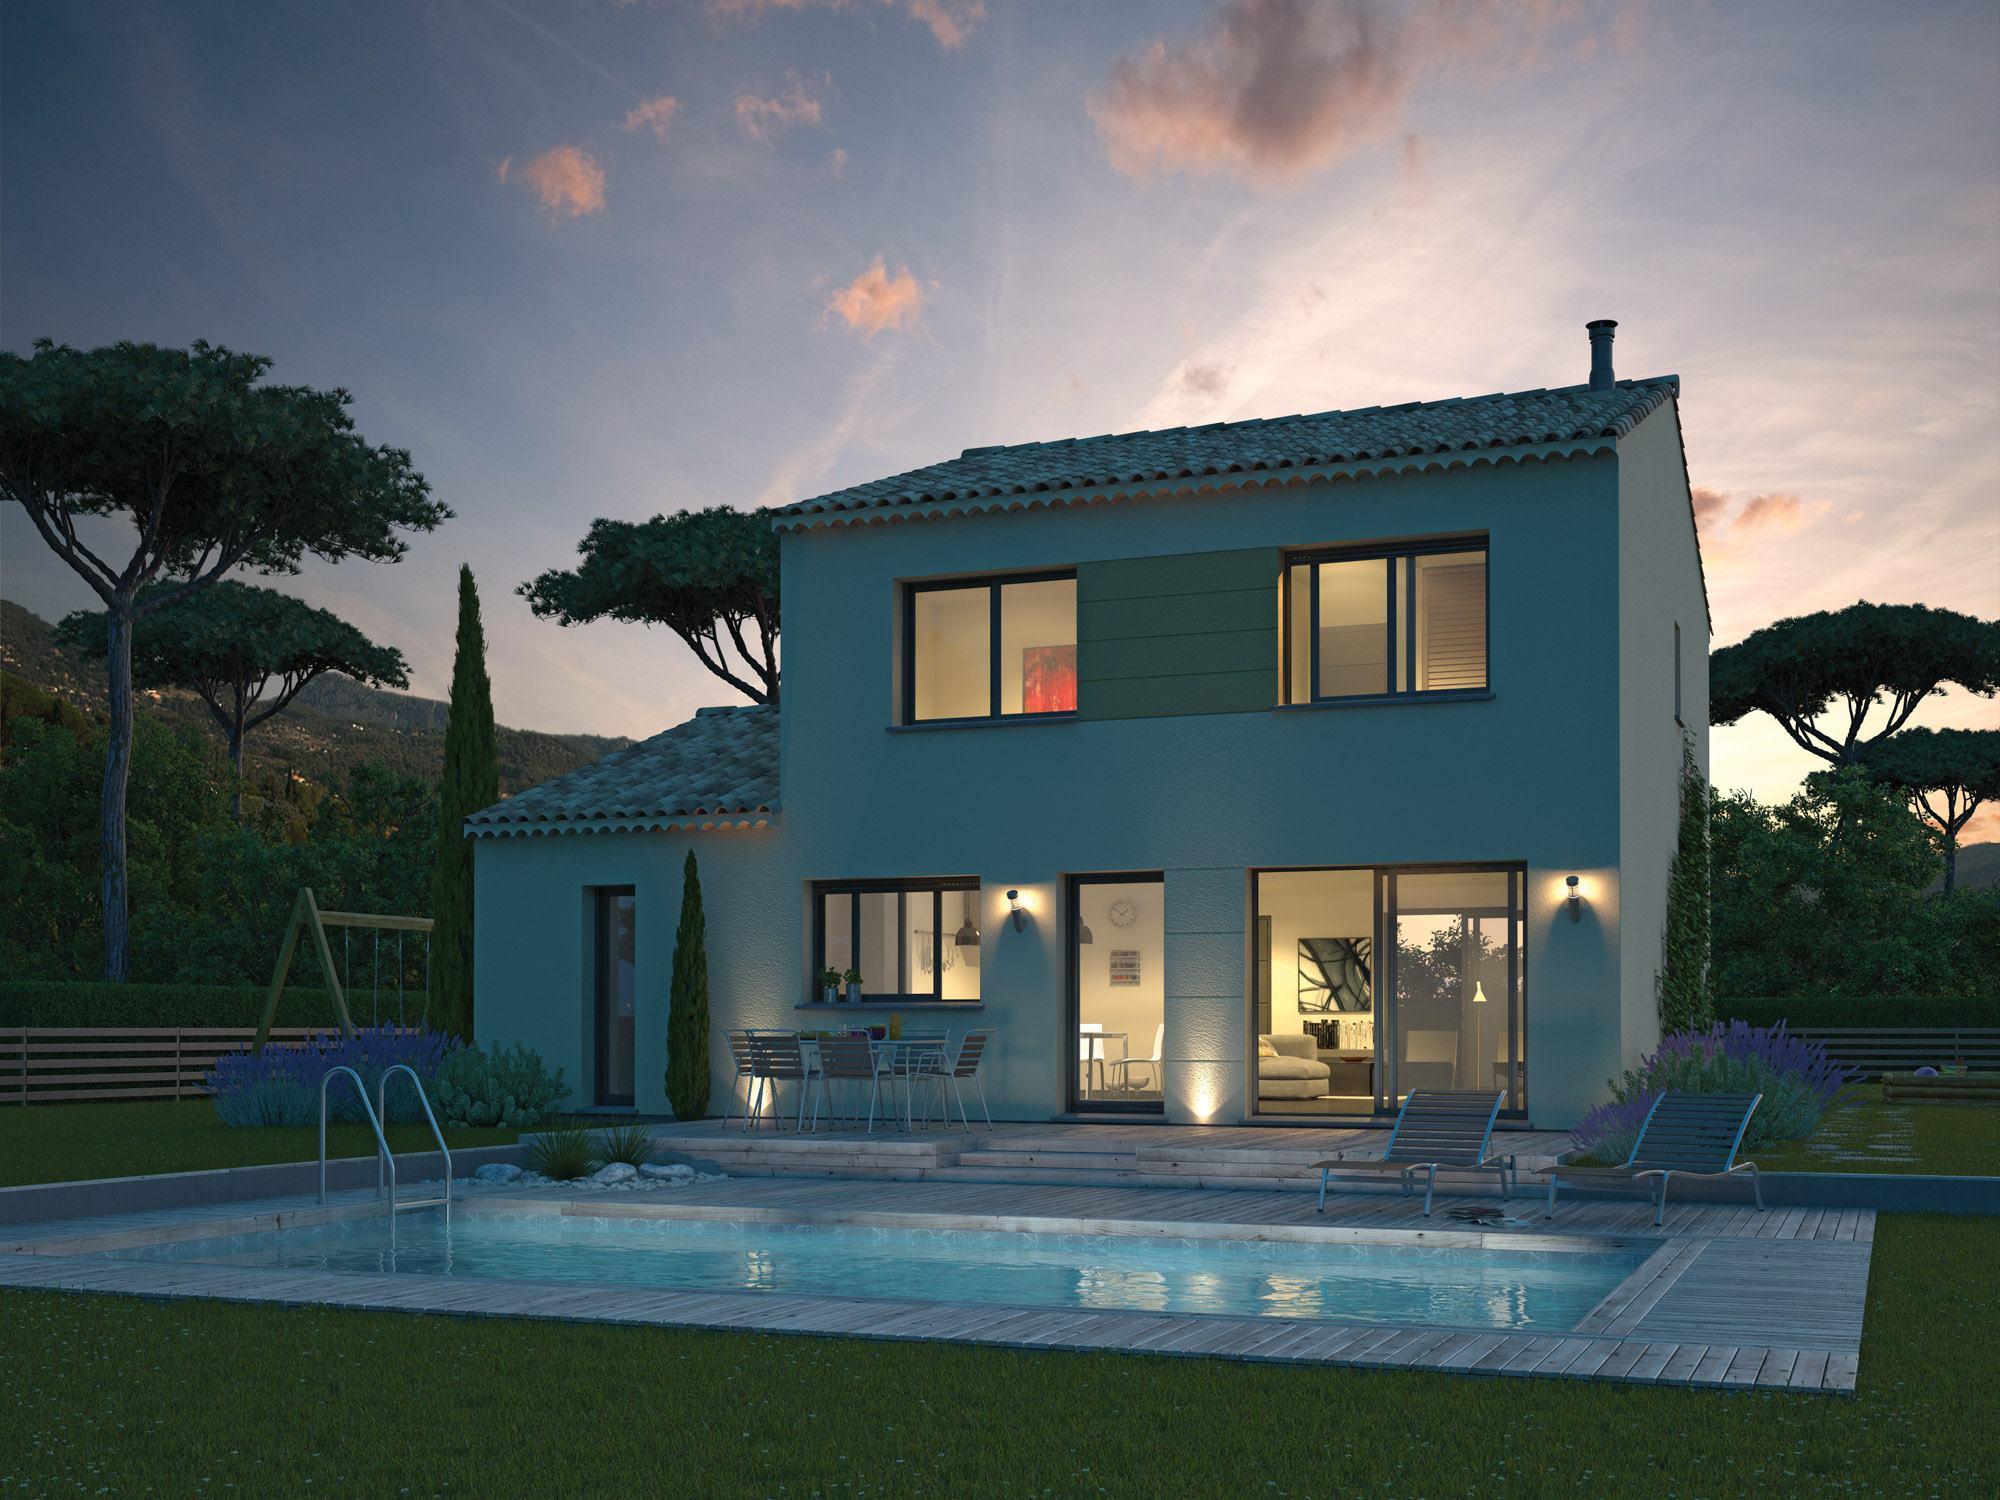 Maisons + Terrains du constructeur MAISON FAMILIALE • 98 m² • LUNEL VIEL